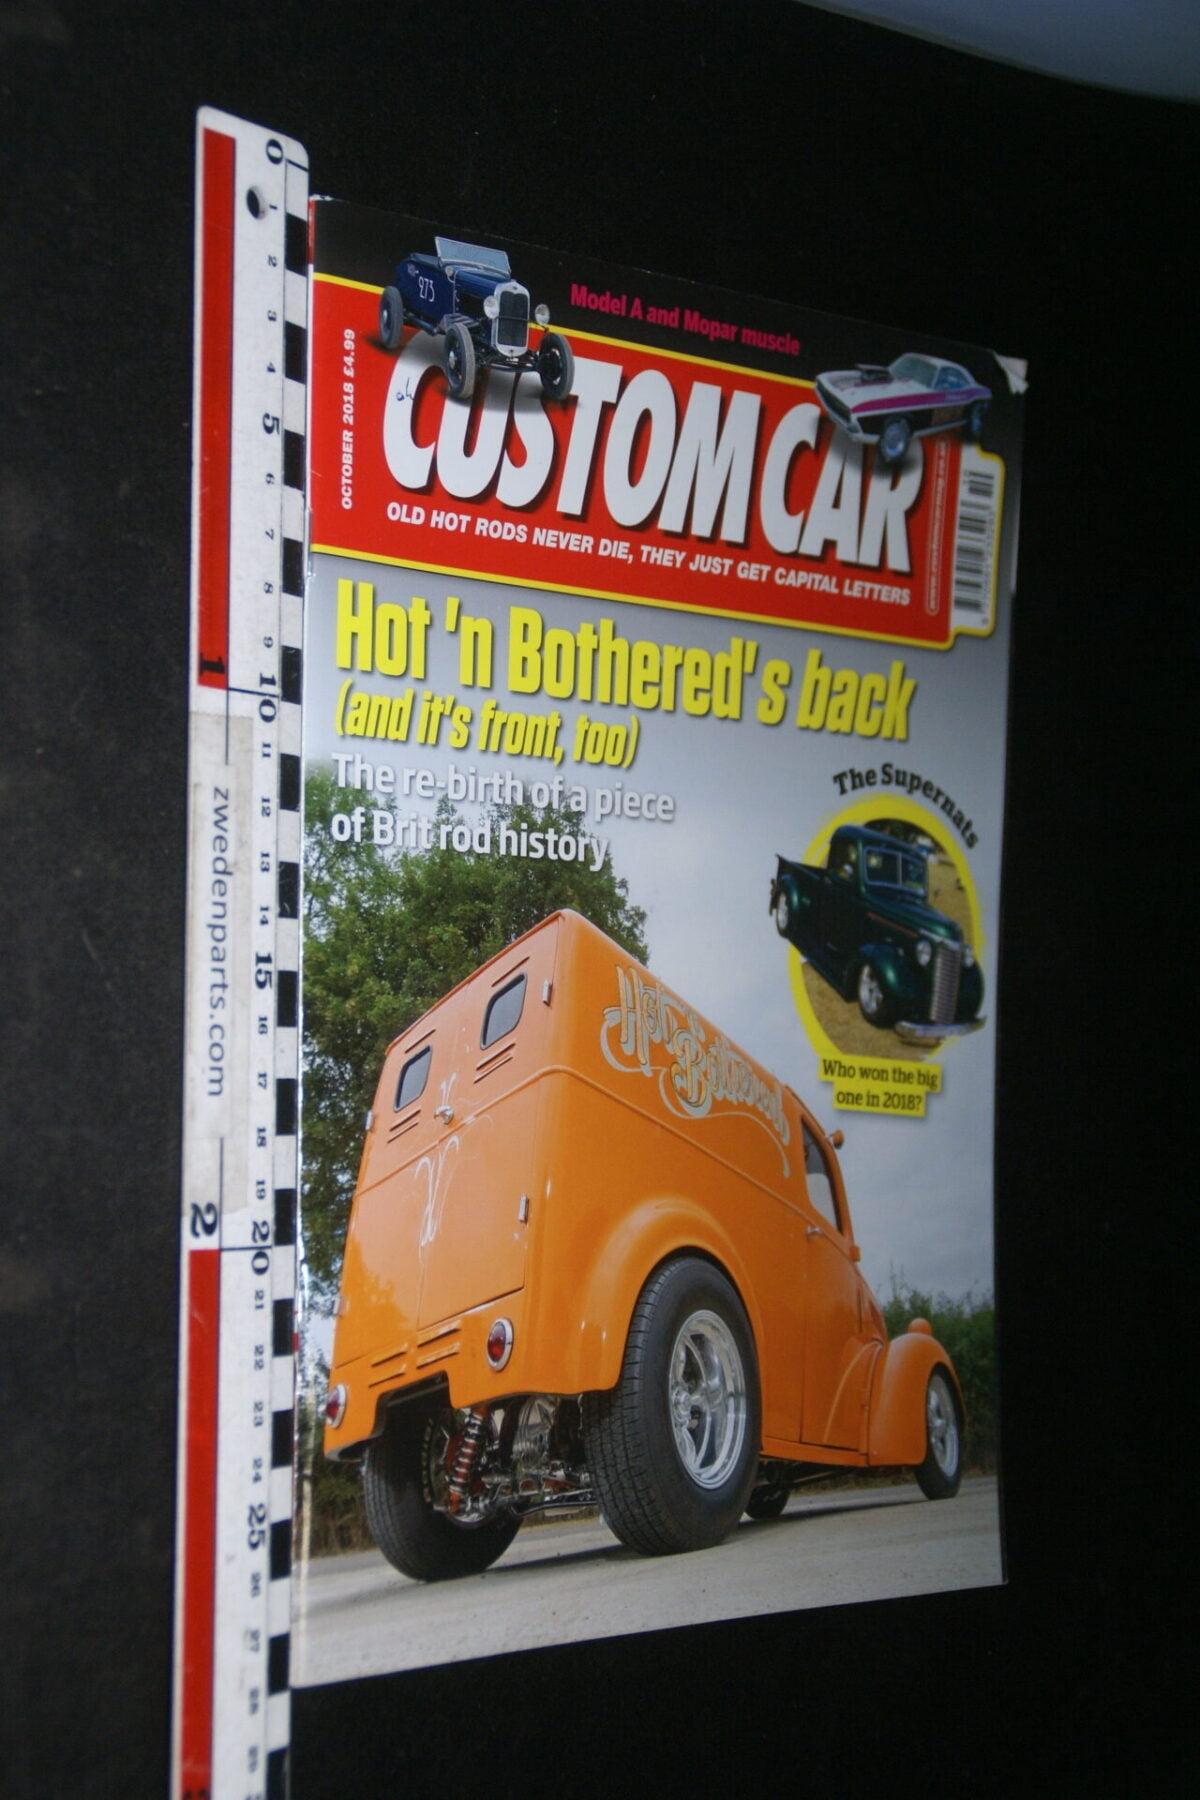 DSC07352 2018 oktober tijdschrift Customcar-439d7500